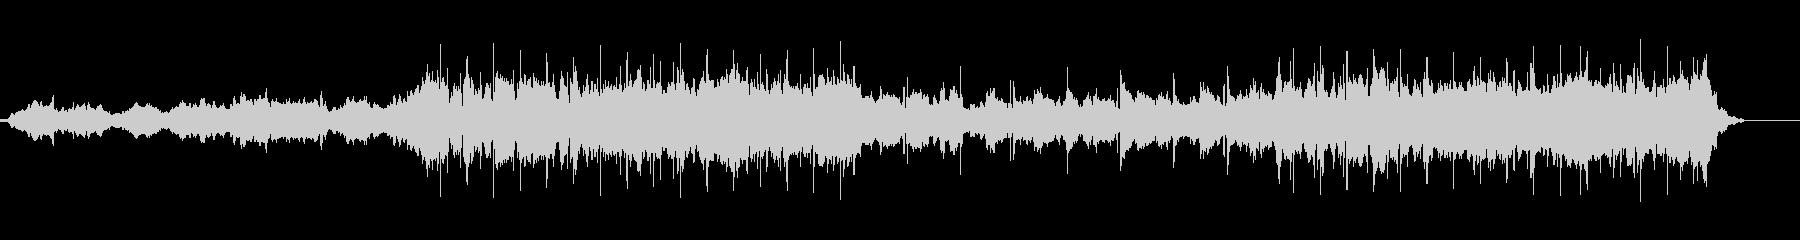 幻想的なlo-fiリラックスBGMの未再生の波形